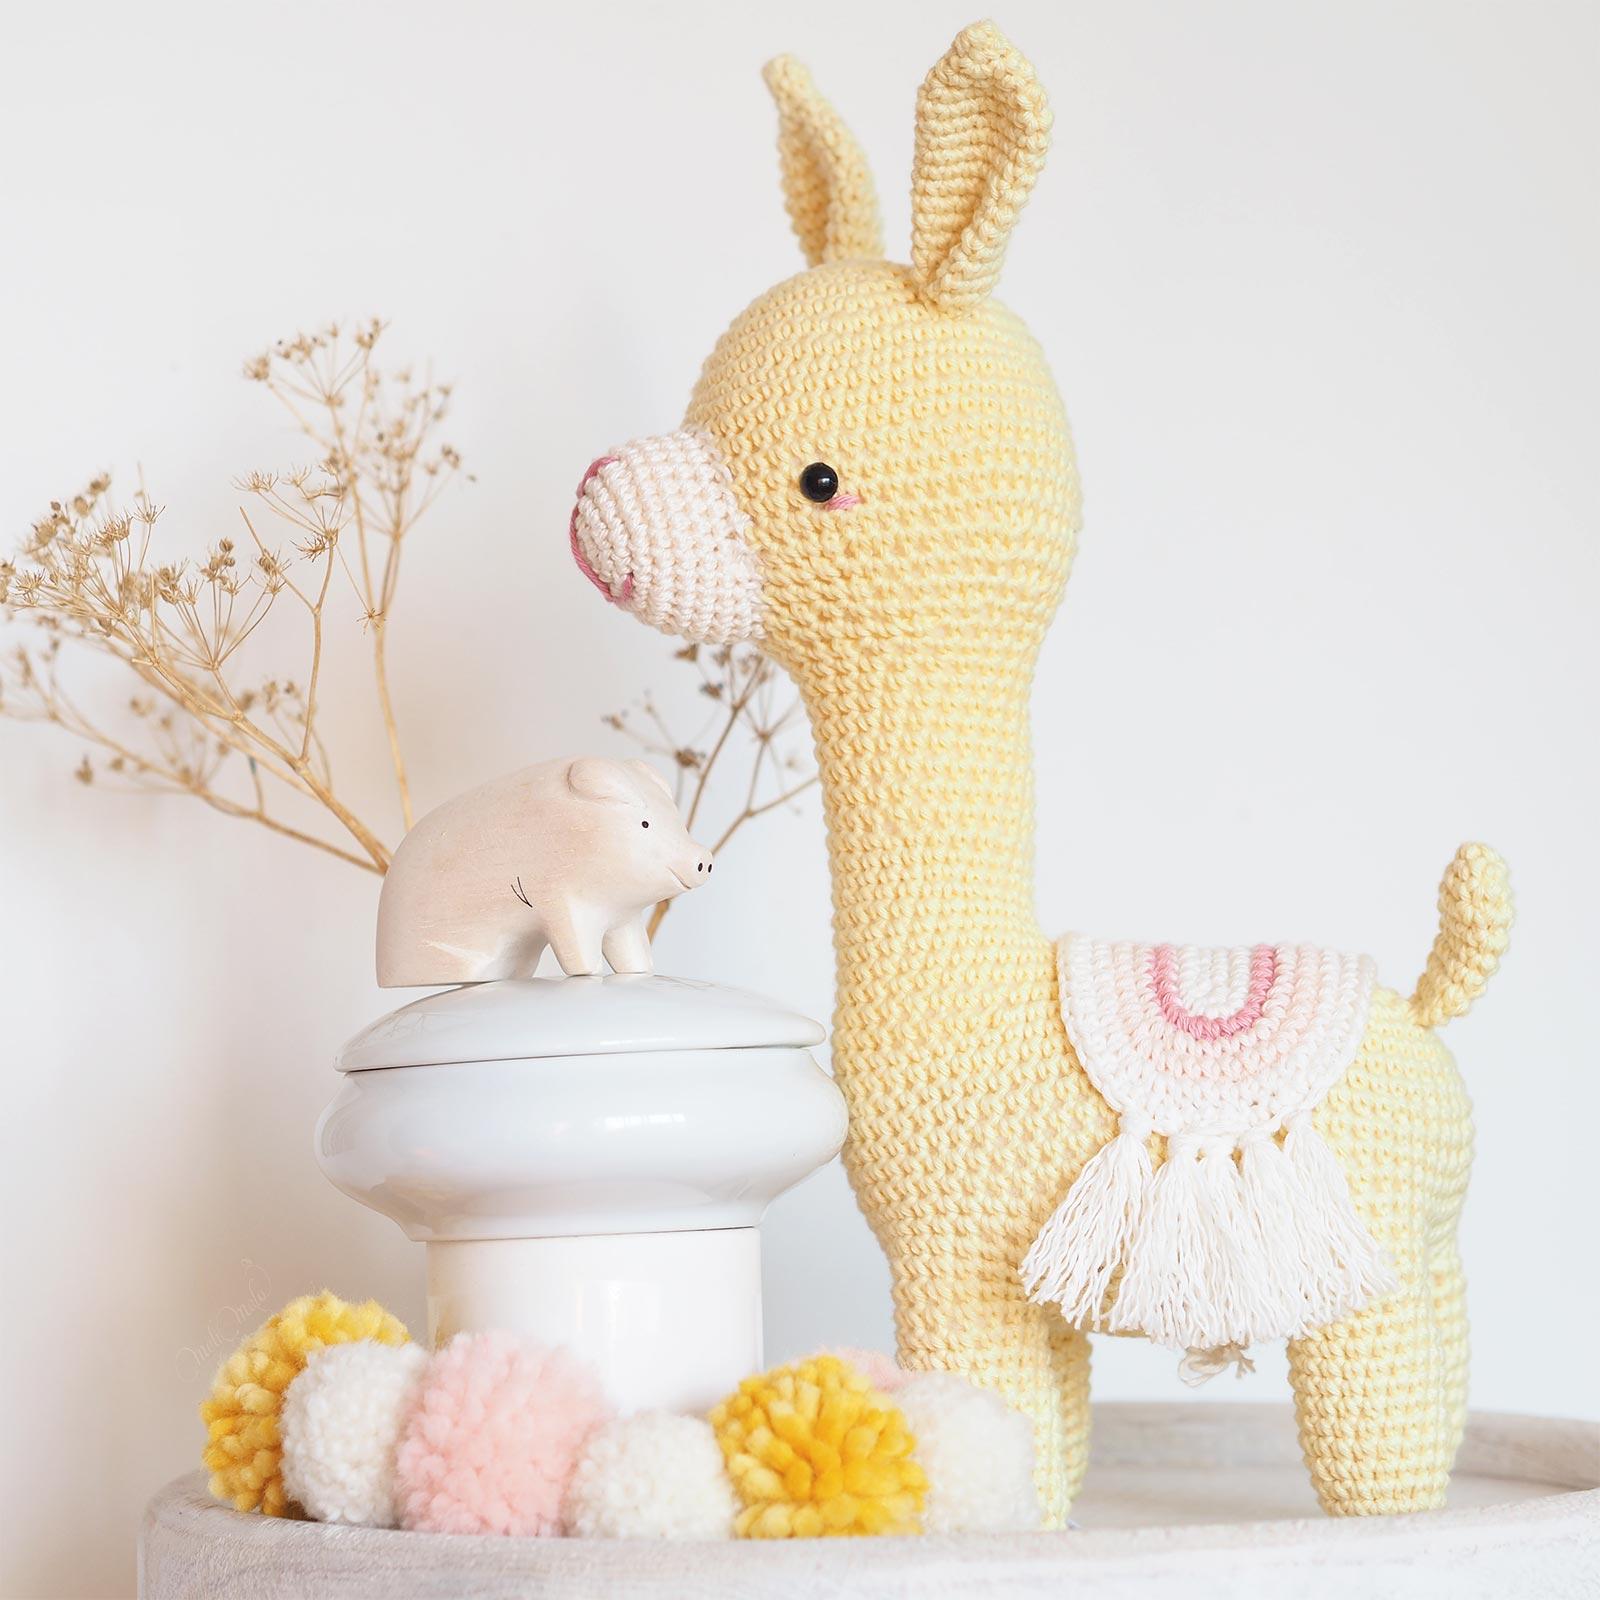 doudou Marcia alpaca amigurumi picapau crochet lama alpaga cochon tlabjapan laboutiquedemelimelo